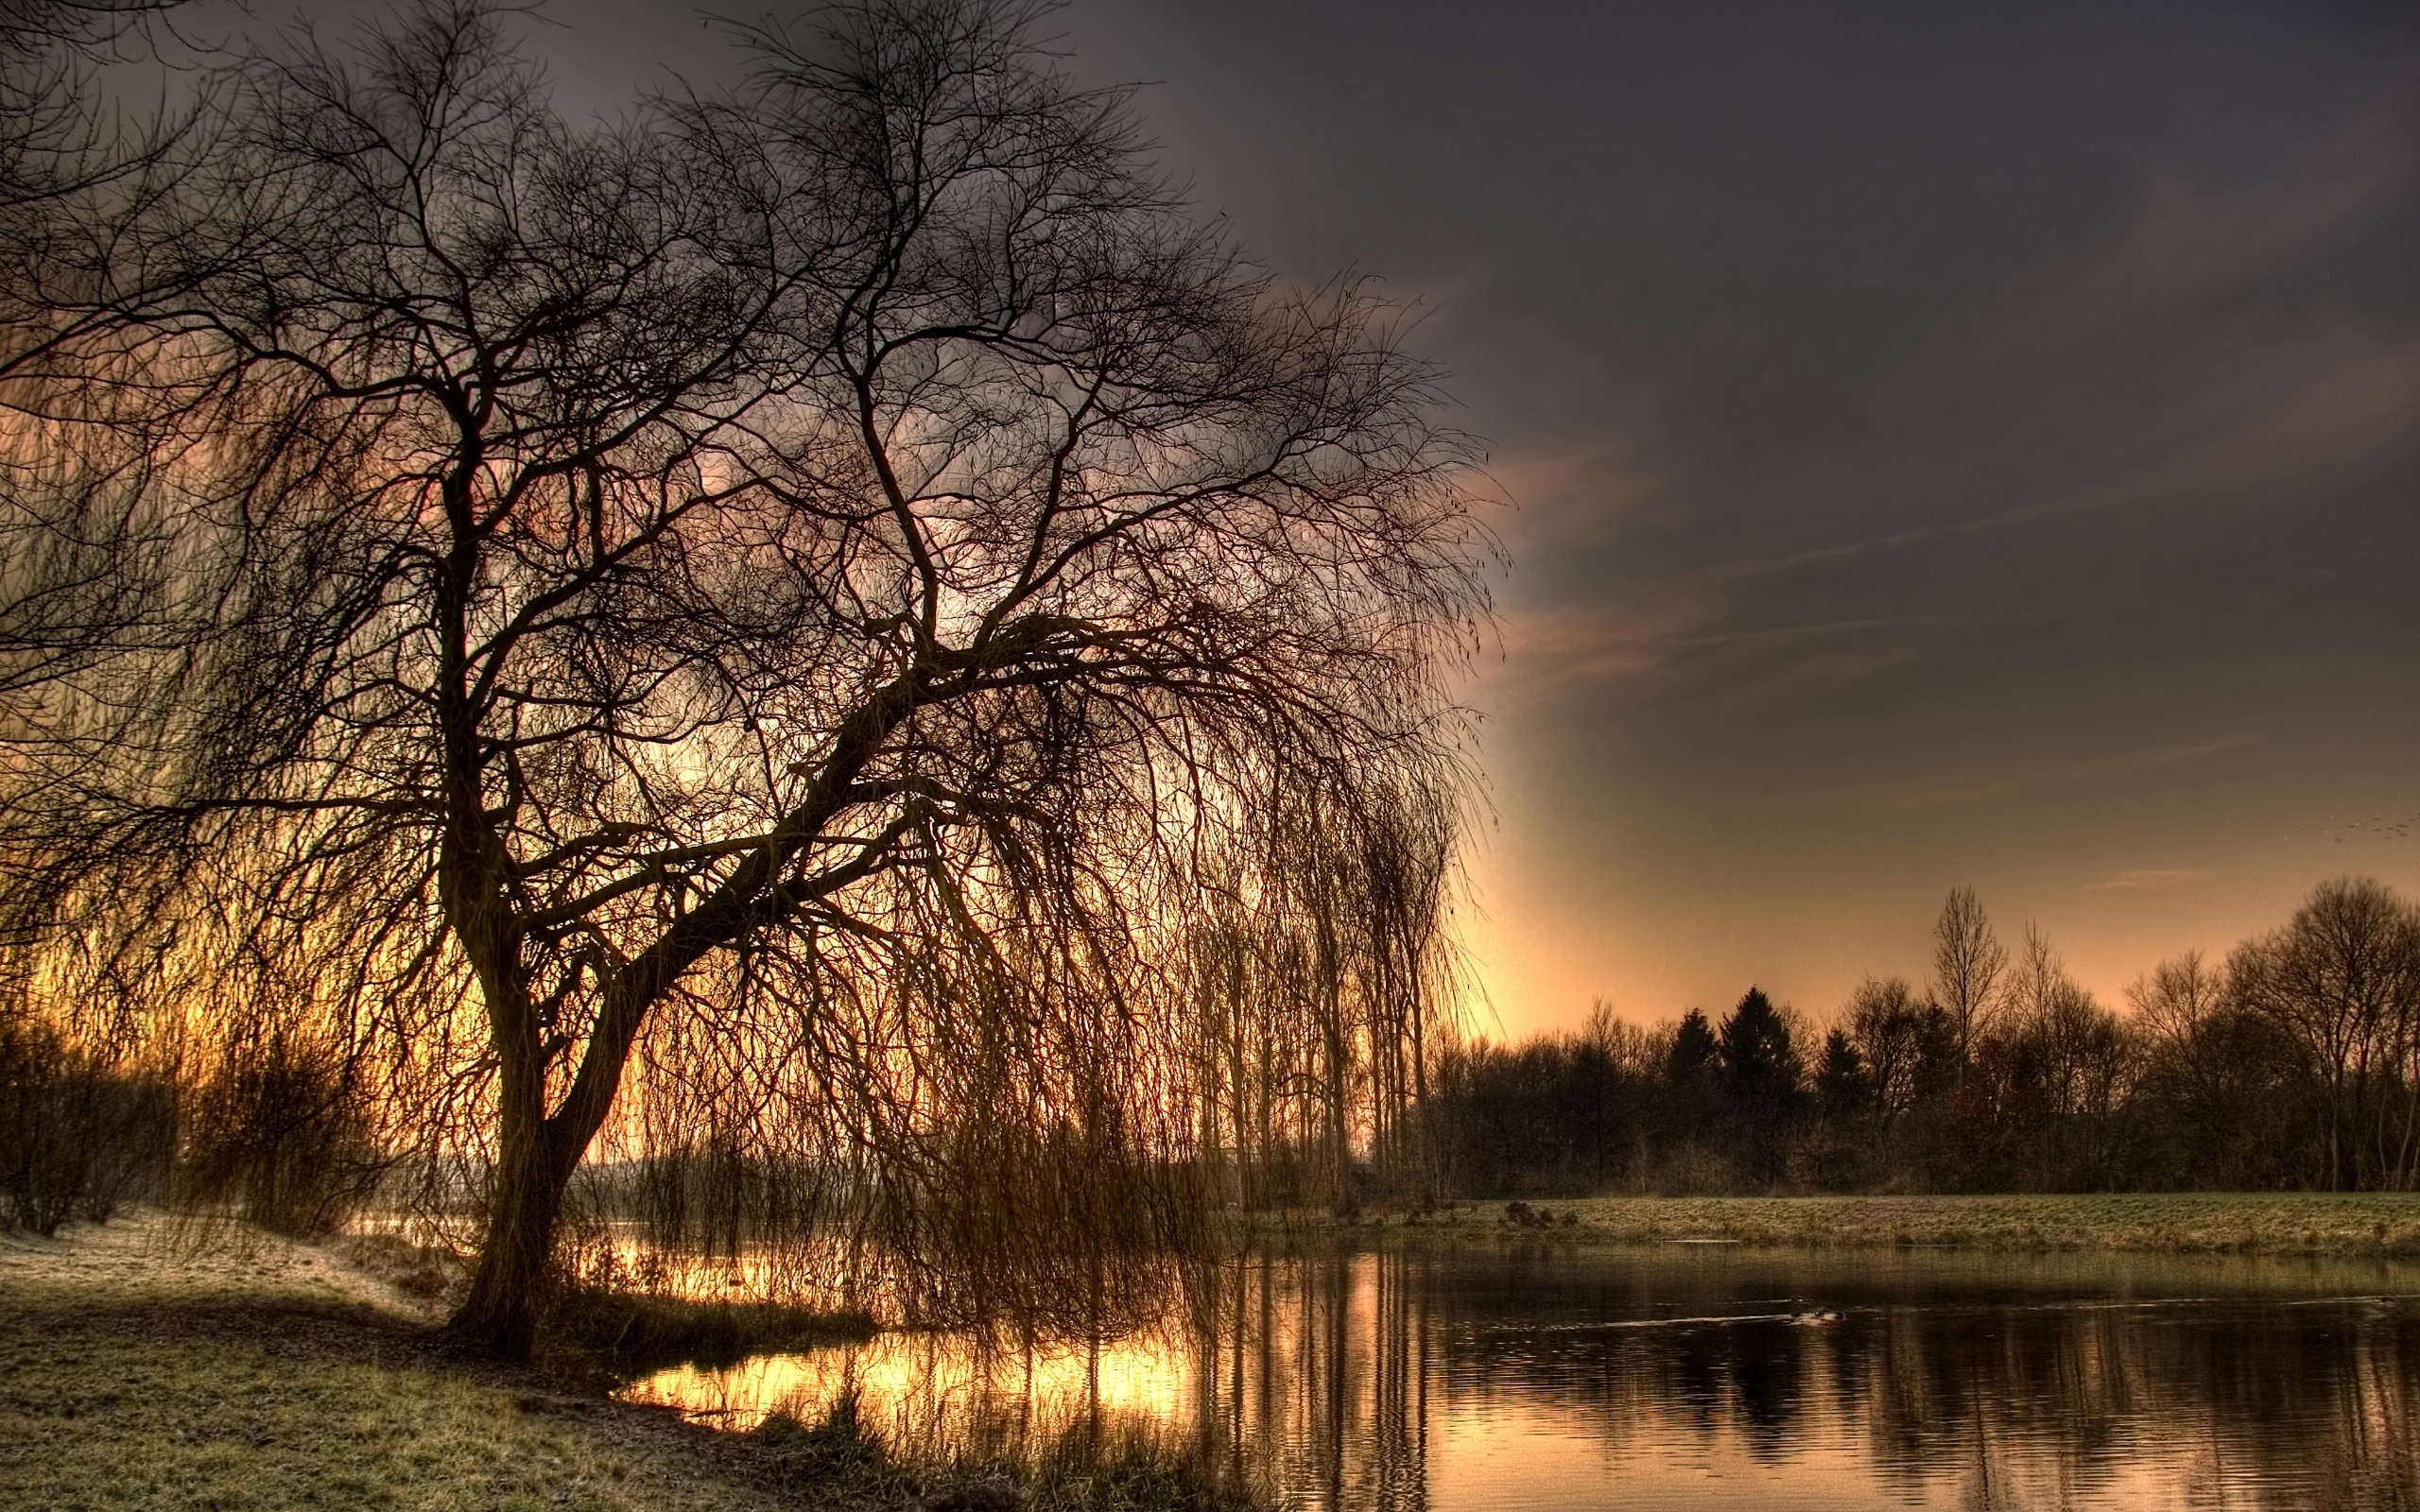 2469 Hintergrundbild herunterladen Landschaft, Flüsse, Bäume, Sunset, Fotokunst - Bildschirmschoner und Bilder kostenlos